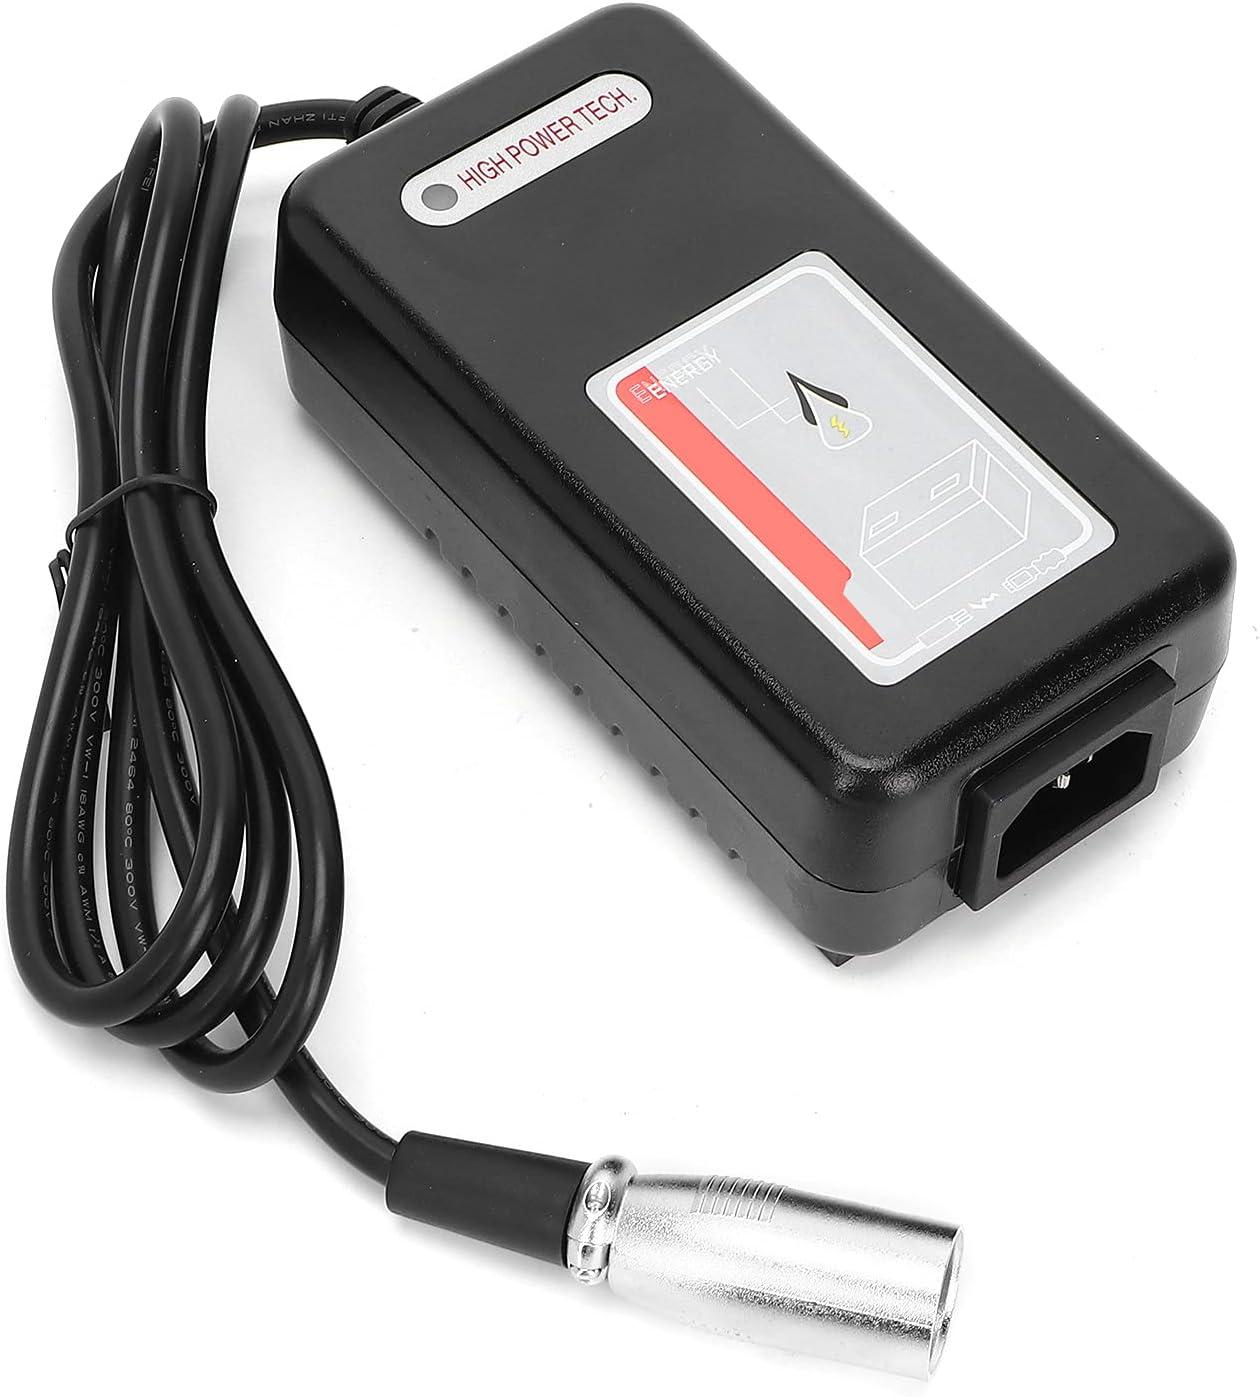 Cargador de batería automático inteligente Adaptador de batería Mantenedor de batería portátil 24V 2A Mobility Scooter Reemplazo de silla de ruedas Accesorio para coche Barco Cortacésped (EU)